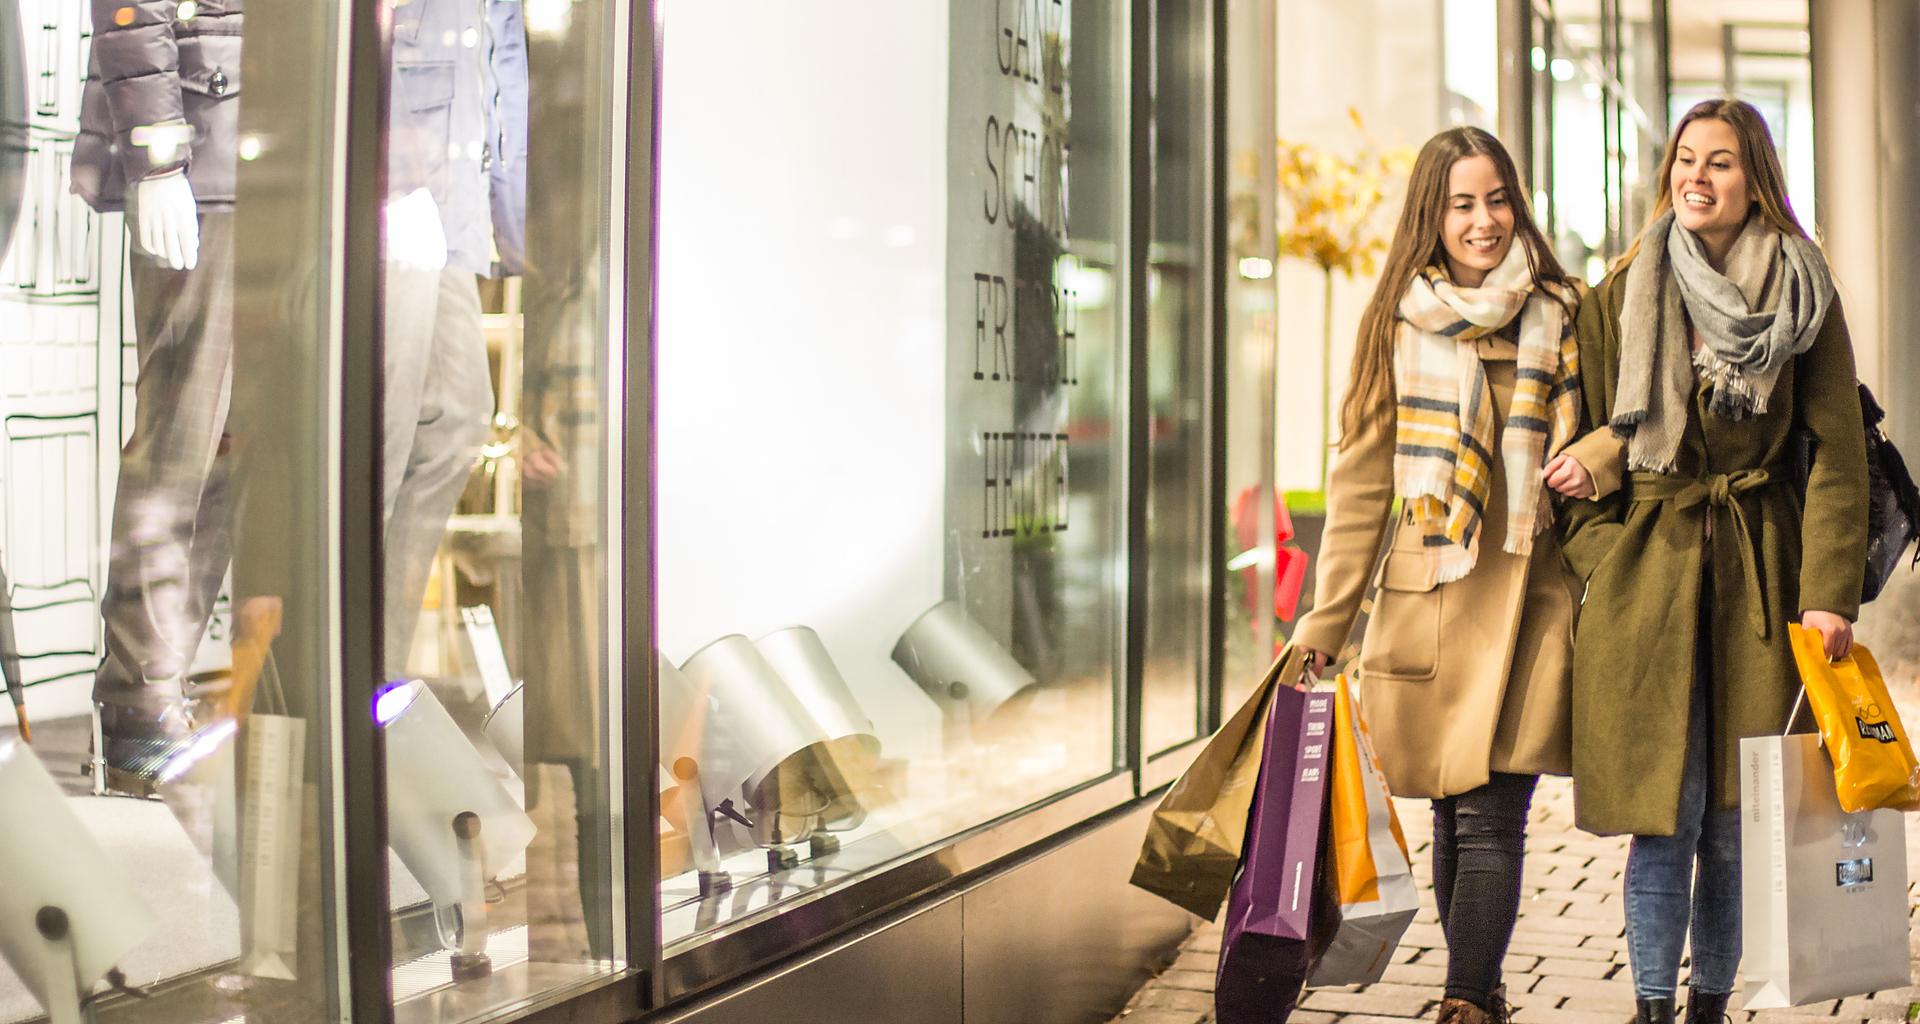 Zahlreiche Geschäfte und Shops laden ein zum Einkaufen in Kempten